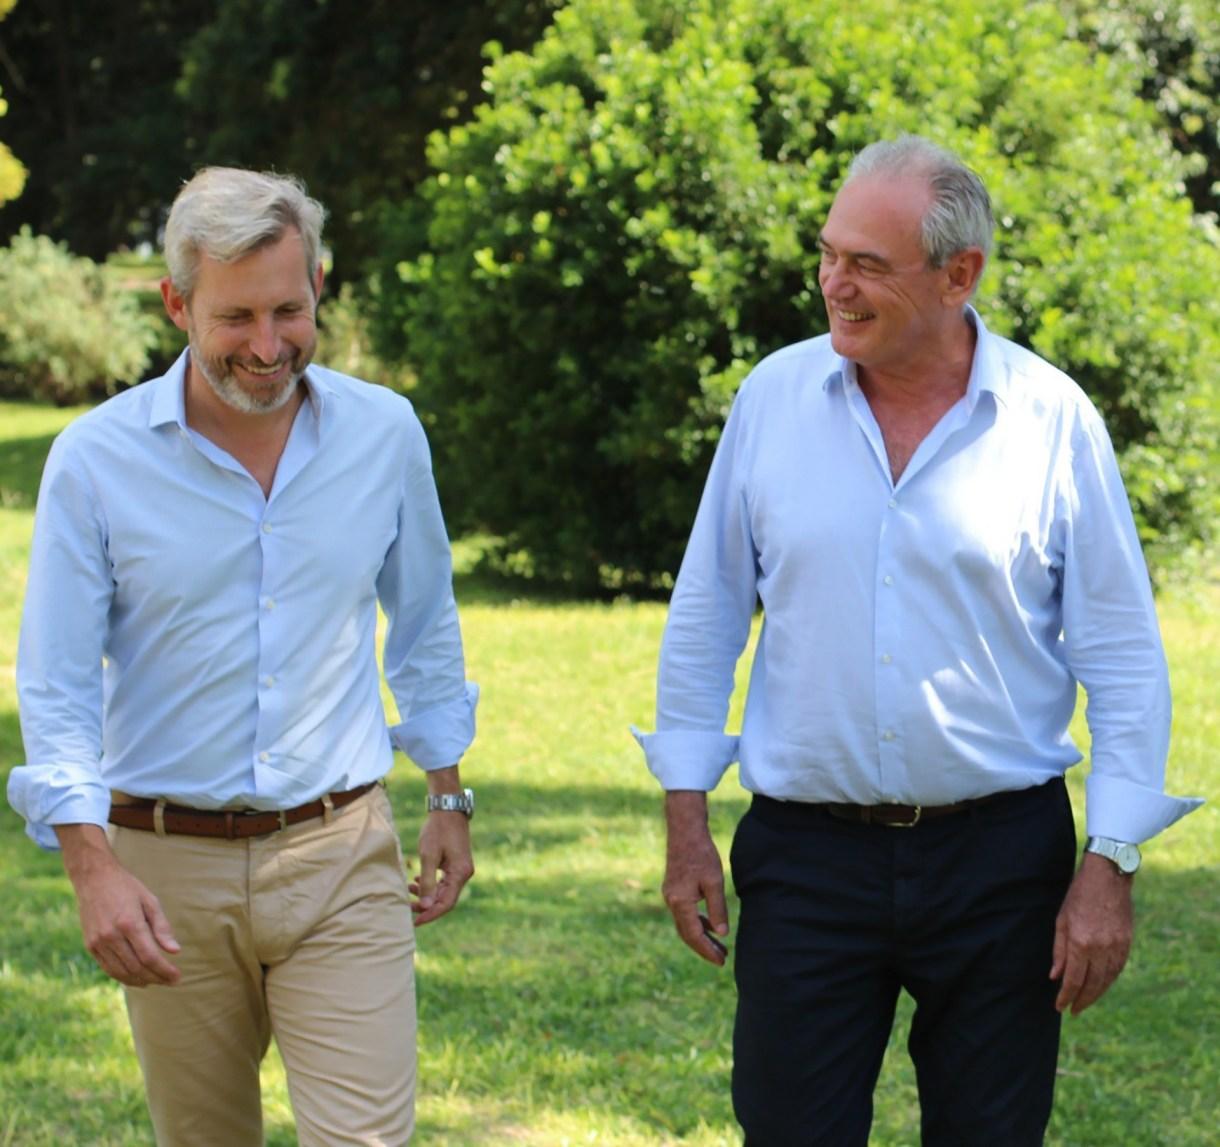 El ministro Frigerio junto al candidato de Cambiemos Atilio Benedetti, días atrás en la Quinta de Olivos